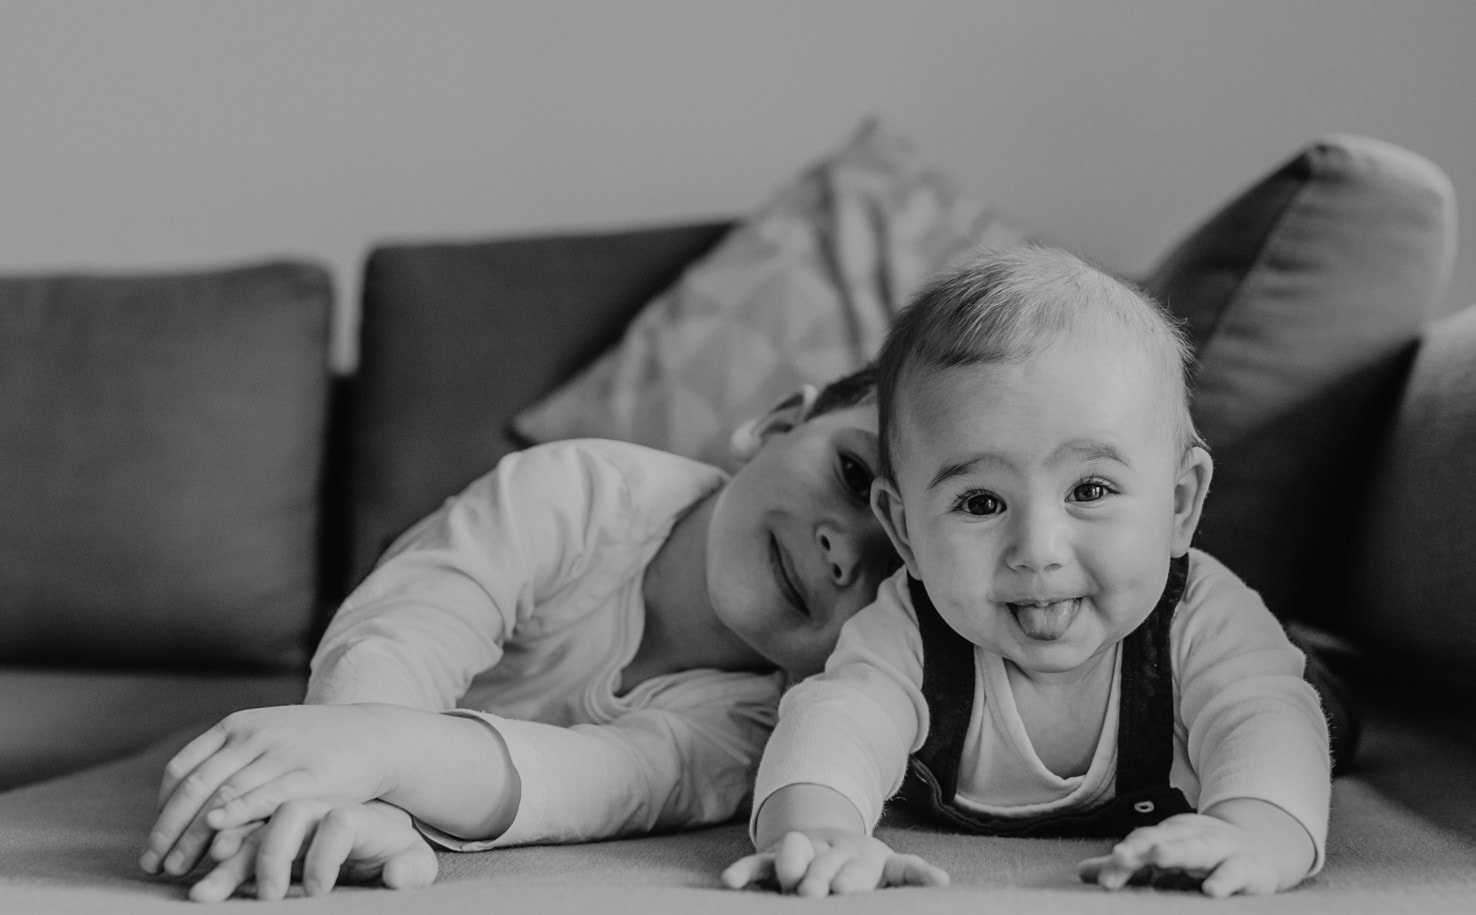 Natürliche und emotionale Kinder- und Familienfotografie in und um München und Ingolstadt von Jung und Wild design, Mica Zeitz